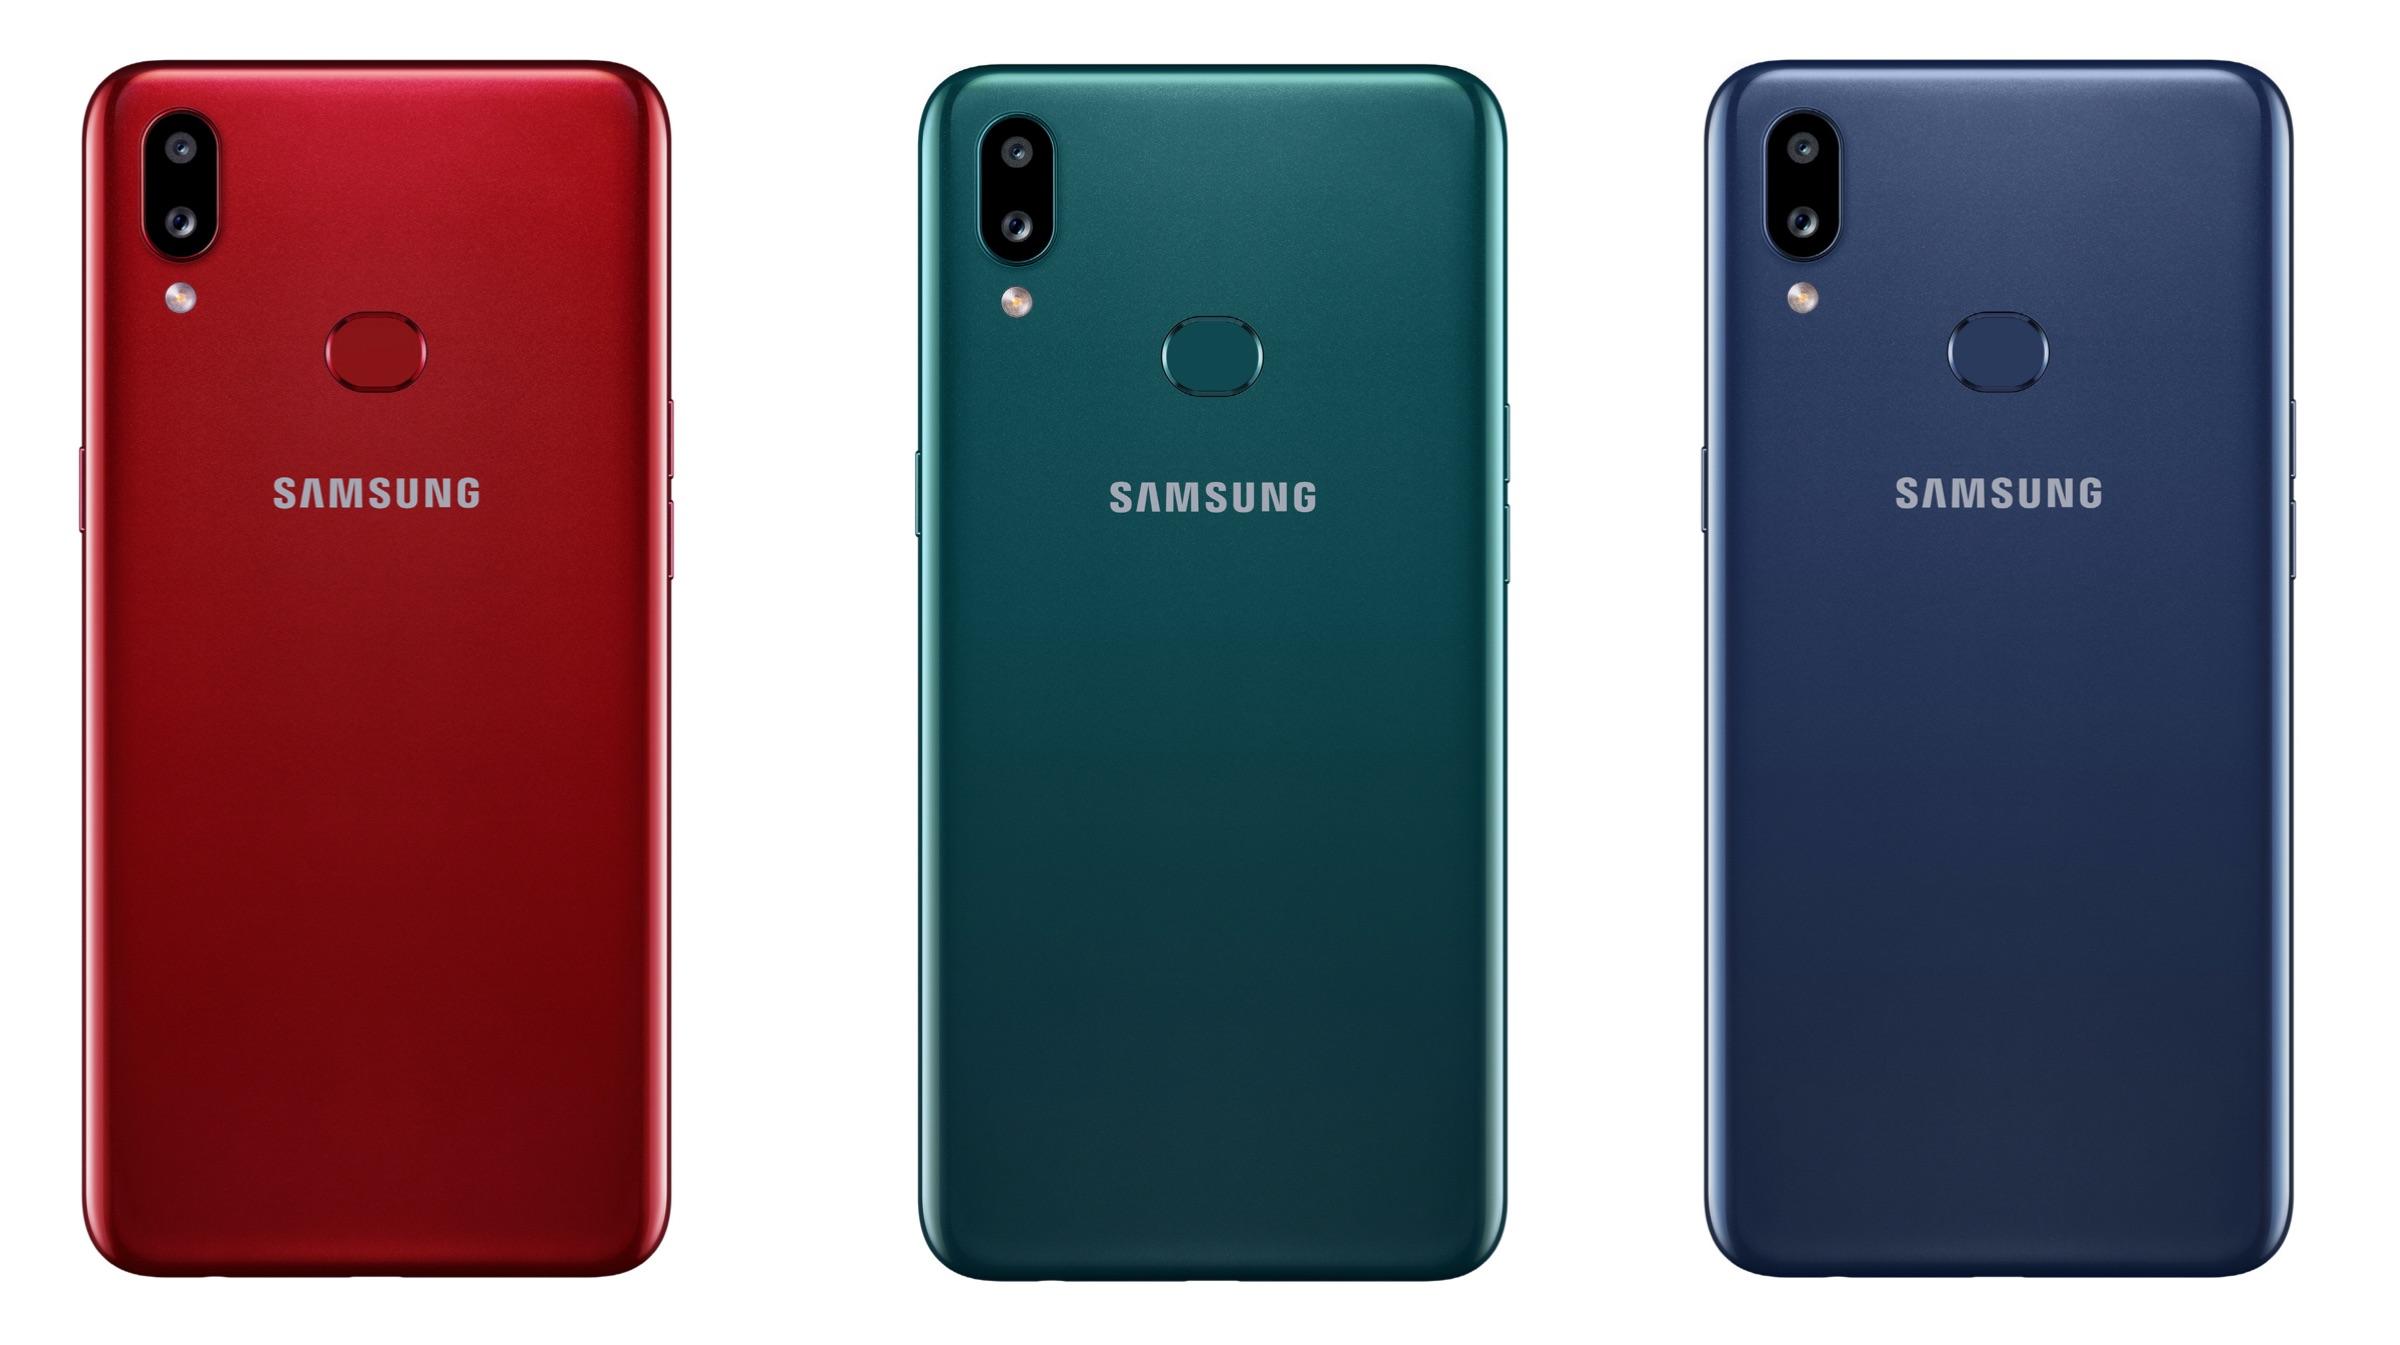 مراجعة هاتف Samsung الاقتصادي الجديد Samsung Galaxy A10s